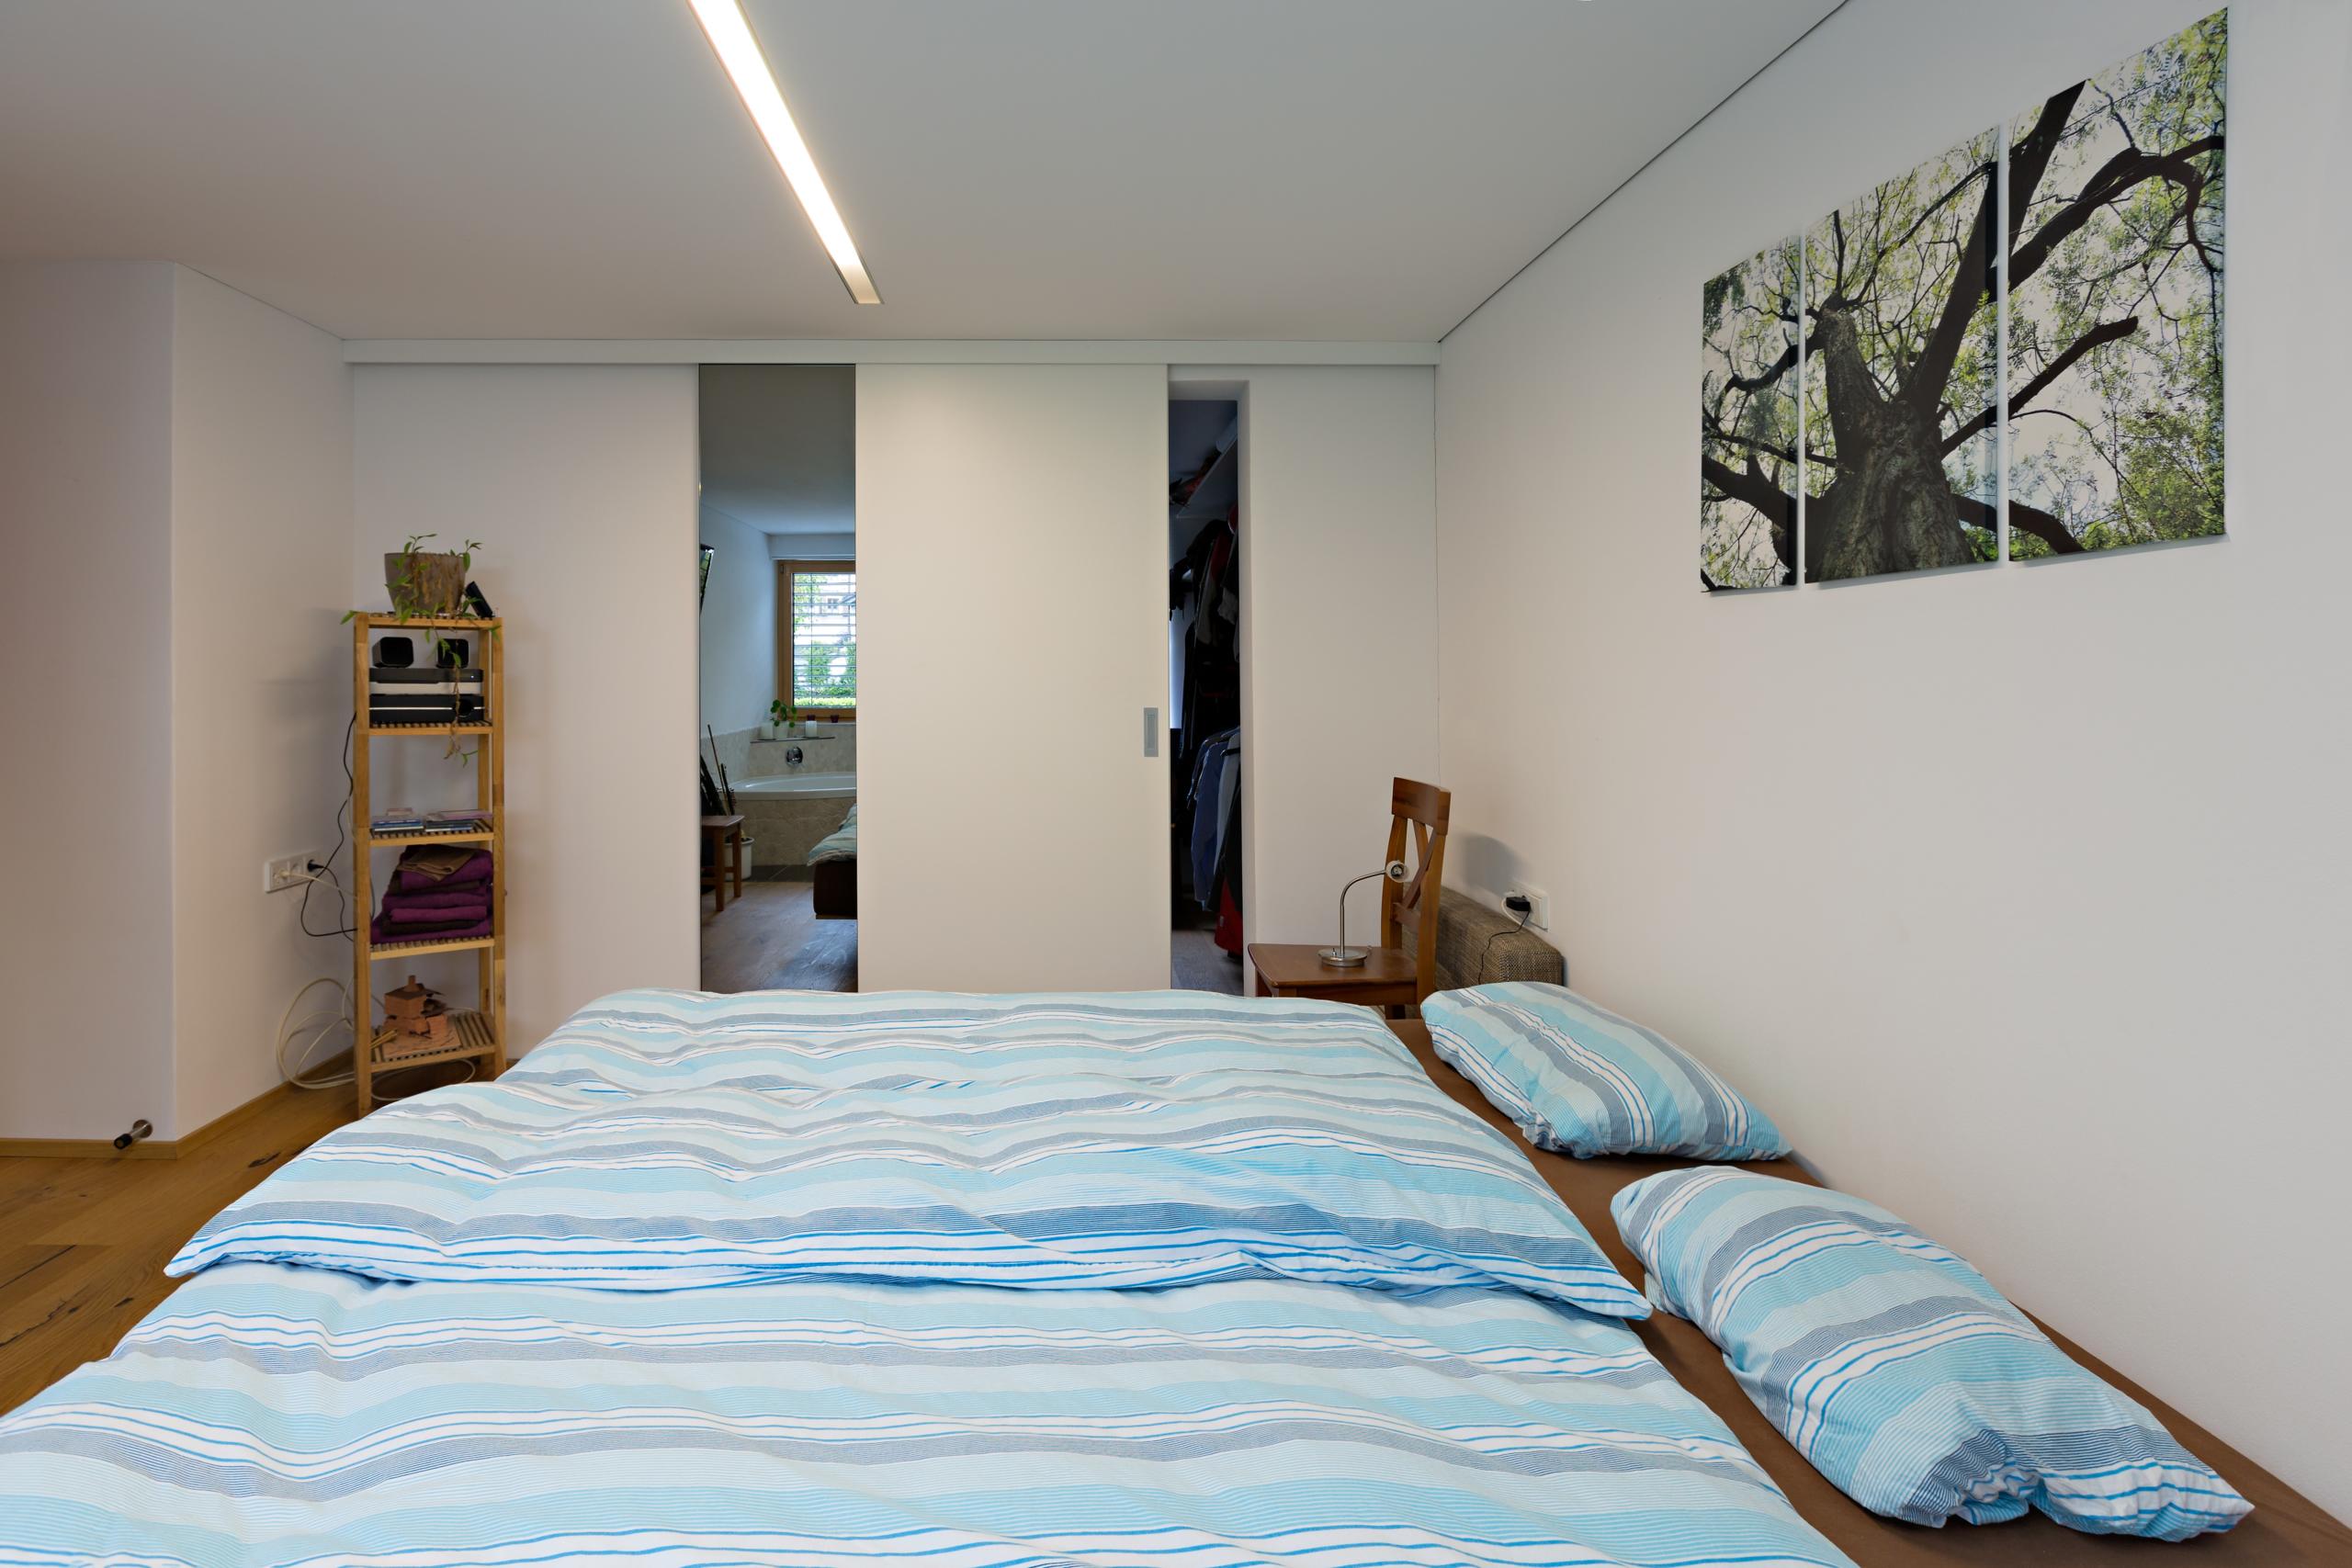 ankleideraum verkleiden und schlafzimmer. Black Bedroom Furniture Sets. Home Design Ideas